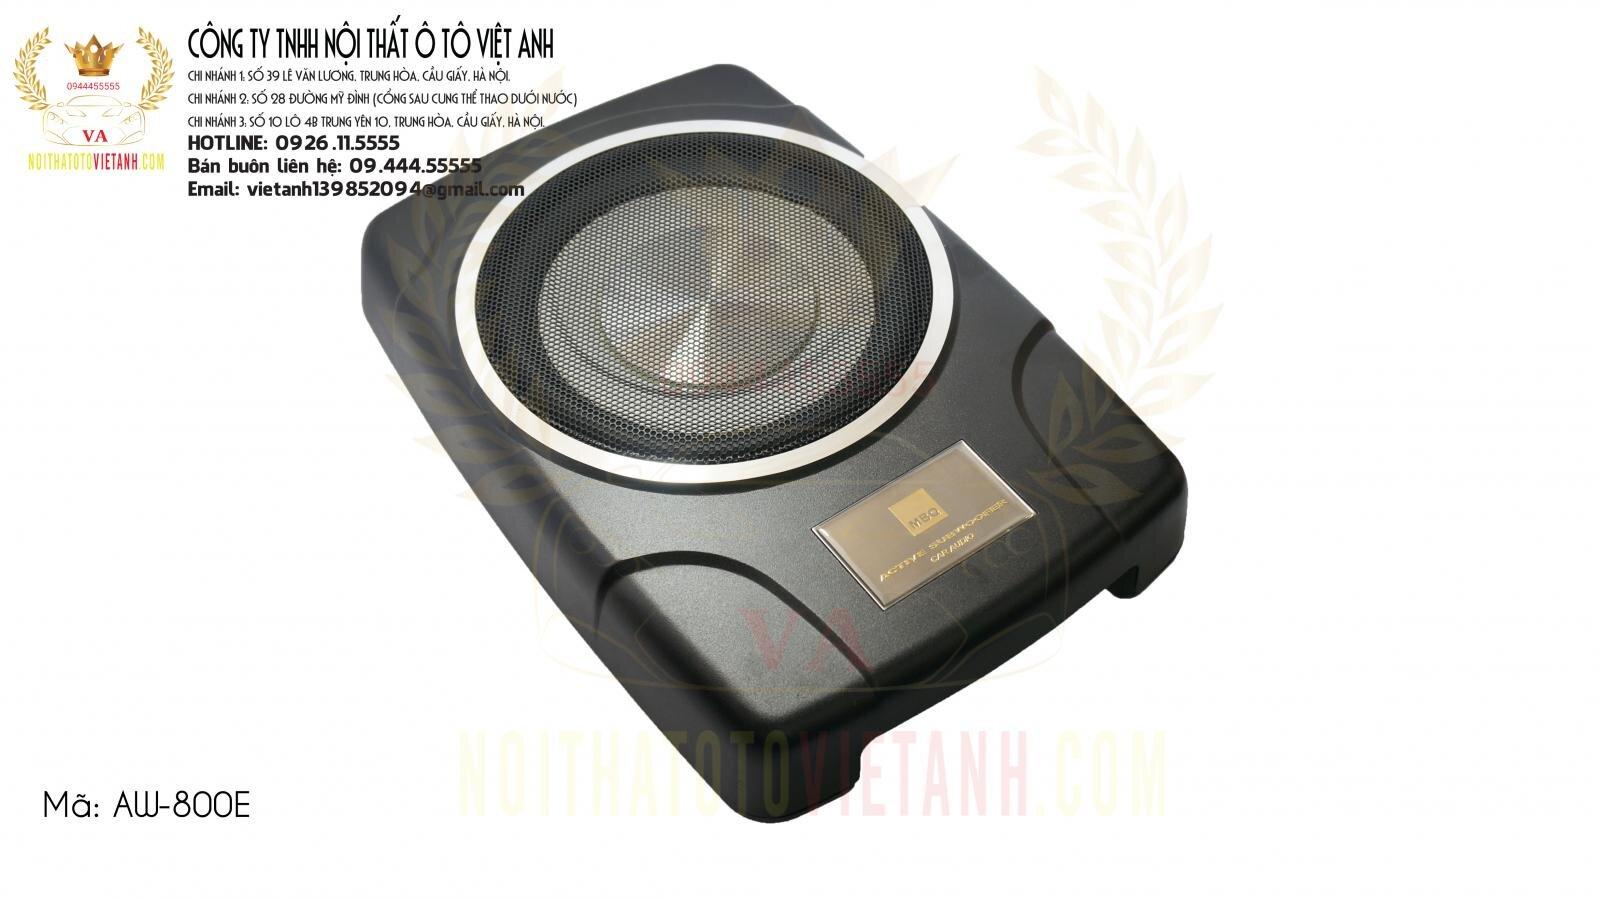 LOA siêu trầm MBQ 800E